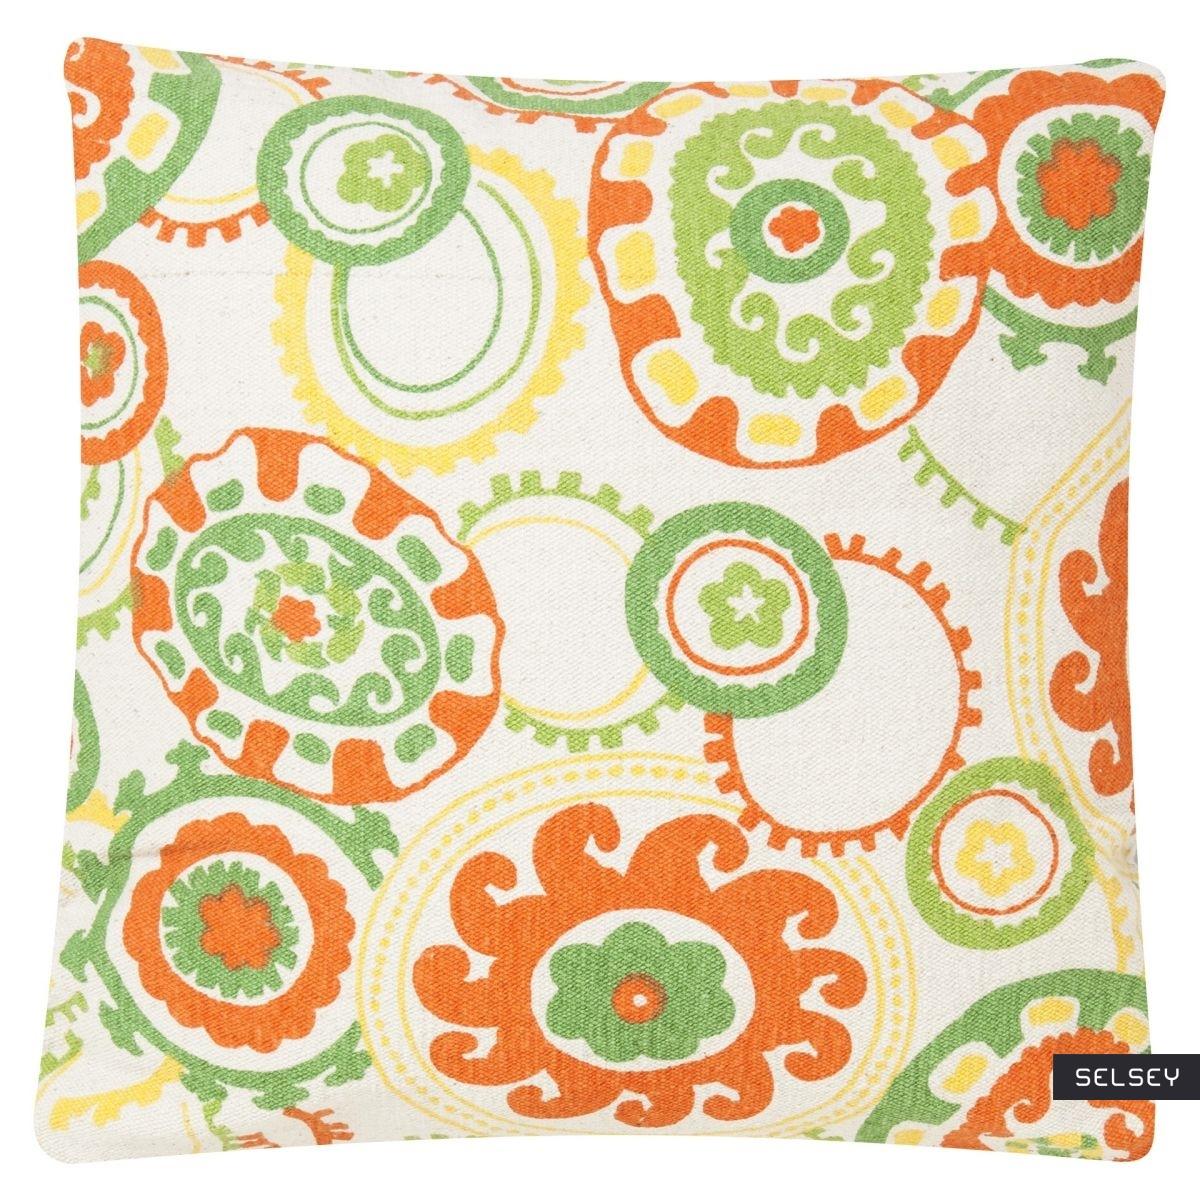 Poduszka z poszewką Colour Jam miętowo pomarańczowy 45x45 cm